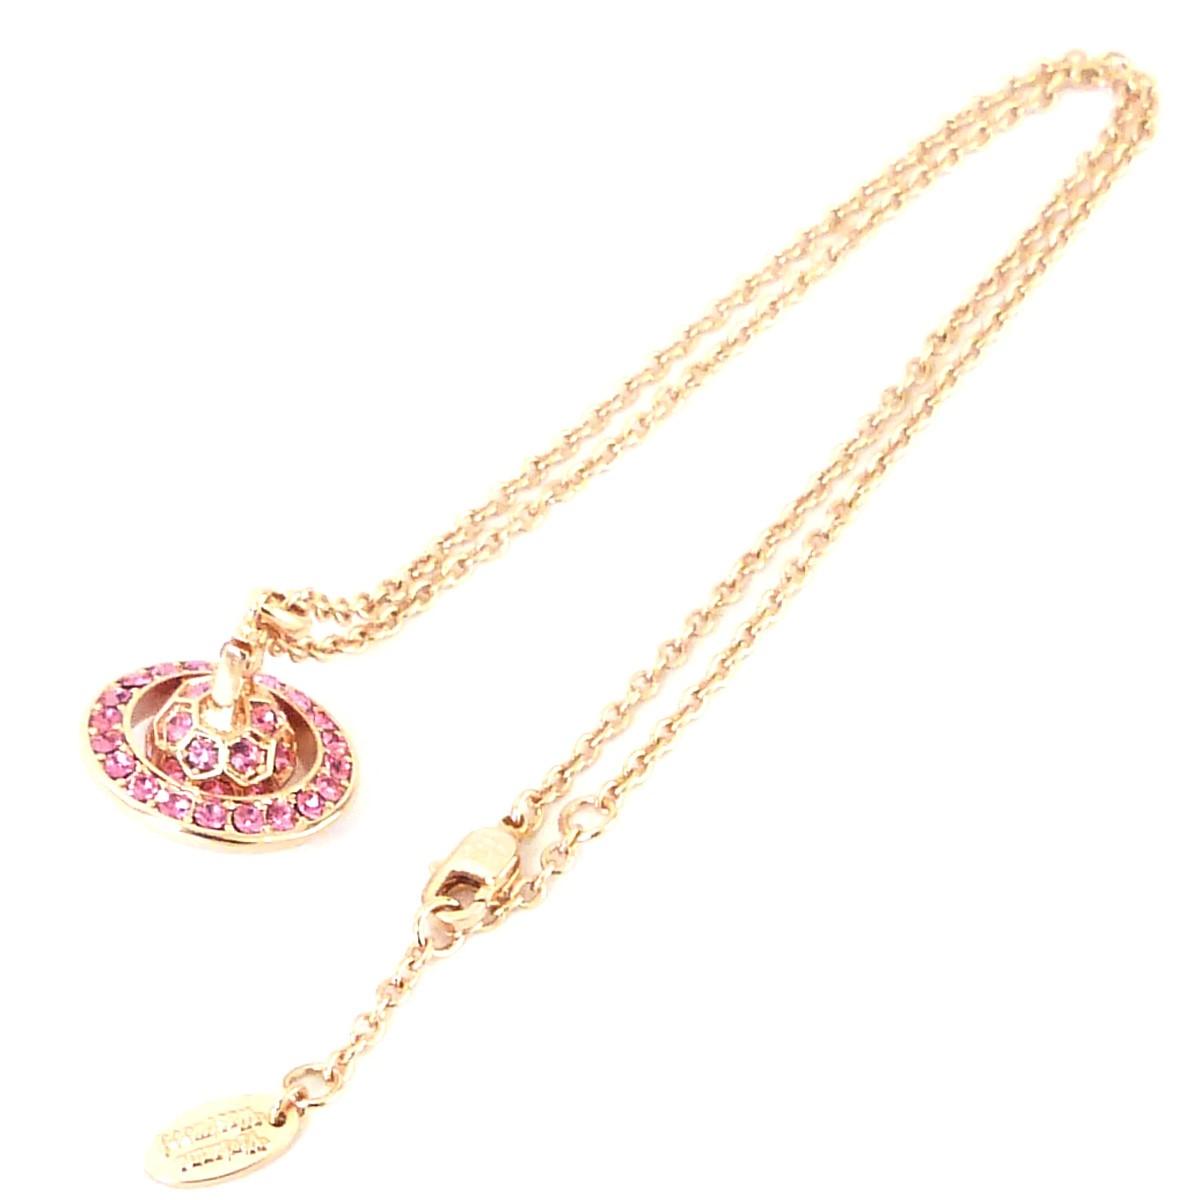 【中古】Vivienne Westwood 石付オーブネックレス ピンクゴールド サイズ:- 【241019】(ヴィヴィアンウエストウッド)